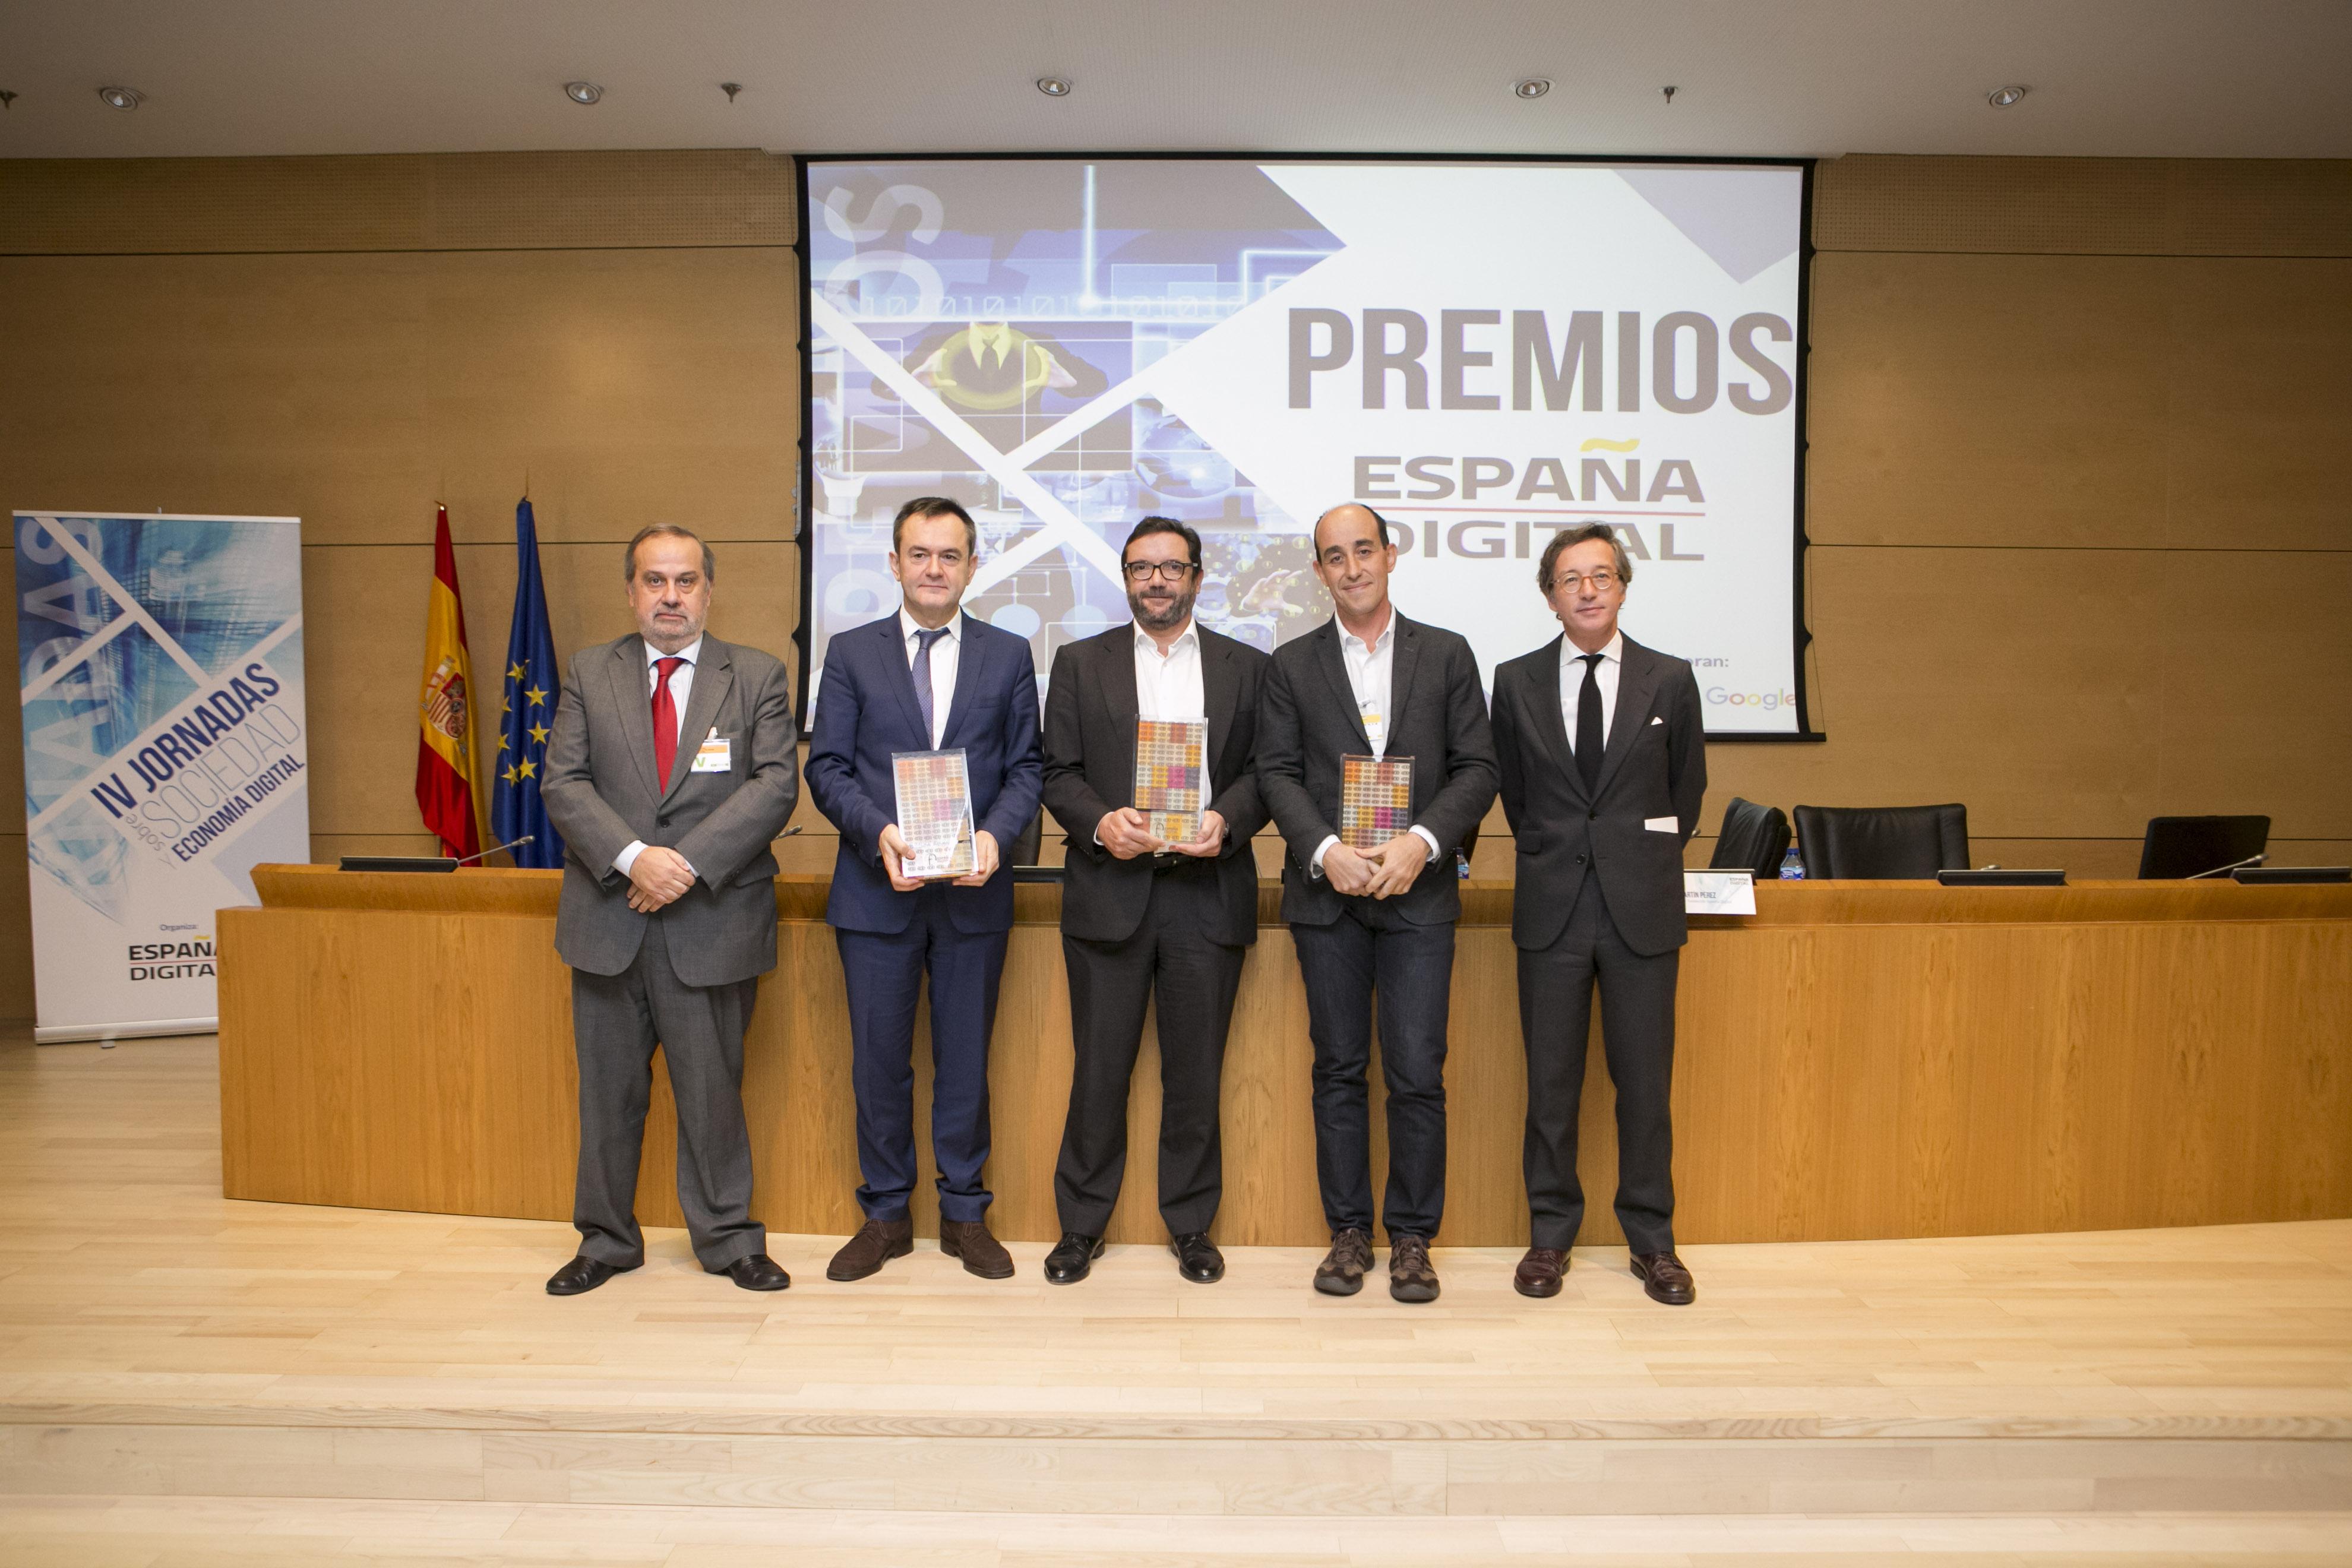 """Entrega de los premios """"España Digital 2016"""""""